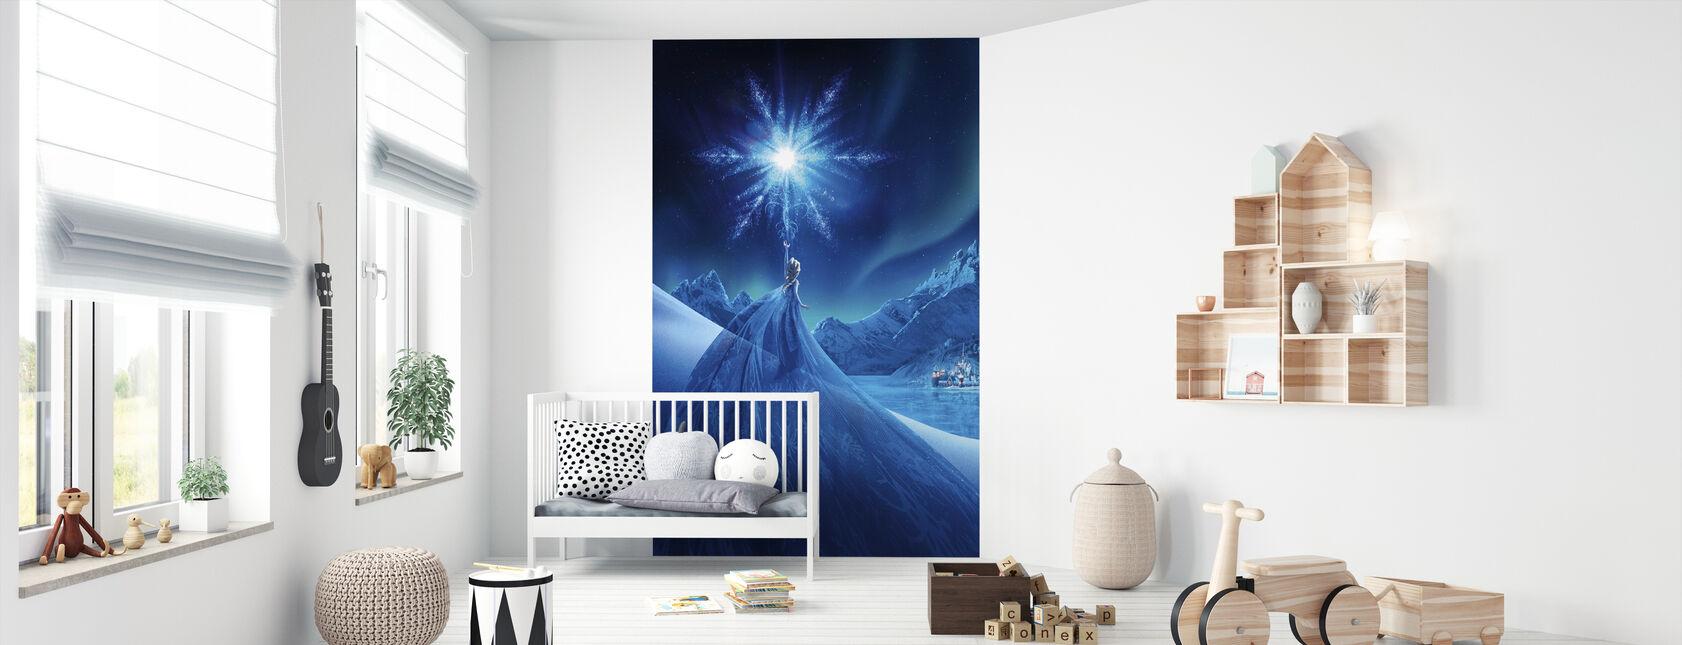 Jäätynyt - Revontulien taikuus - Tapetti - Vauvan huone